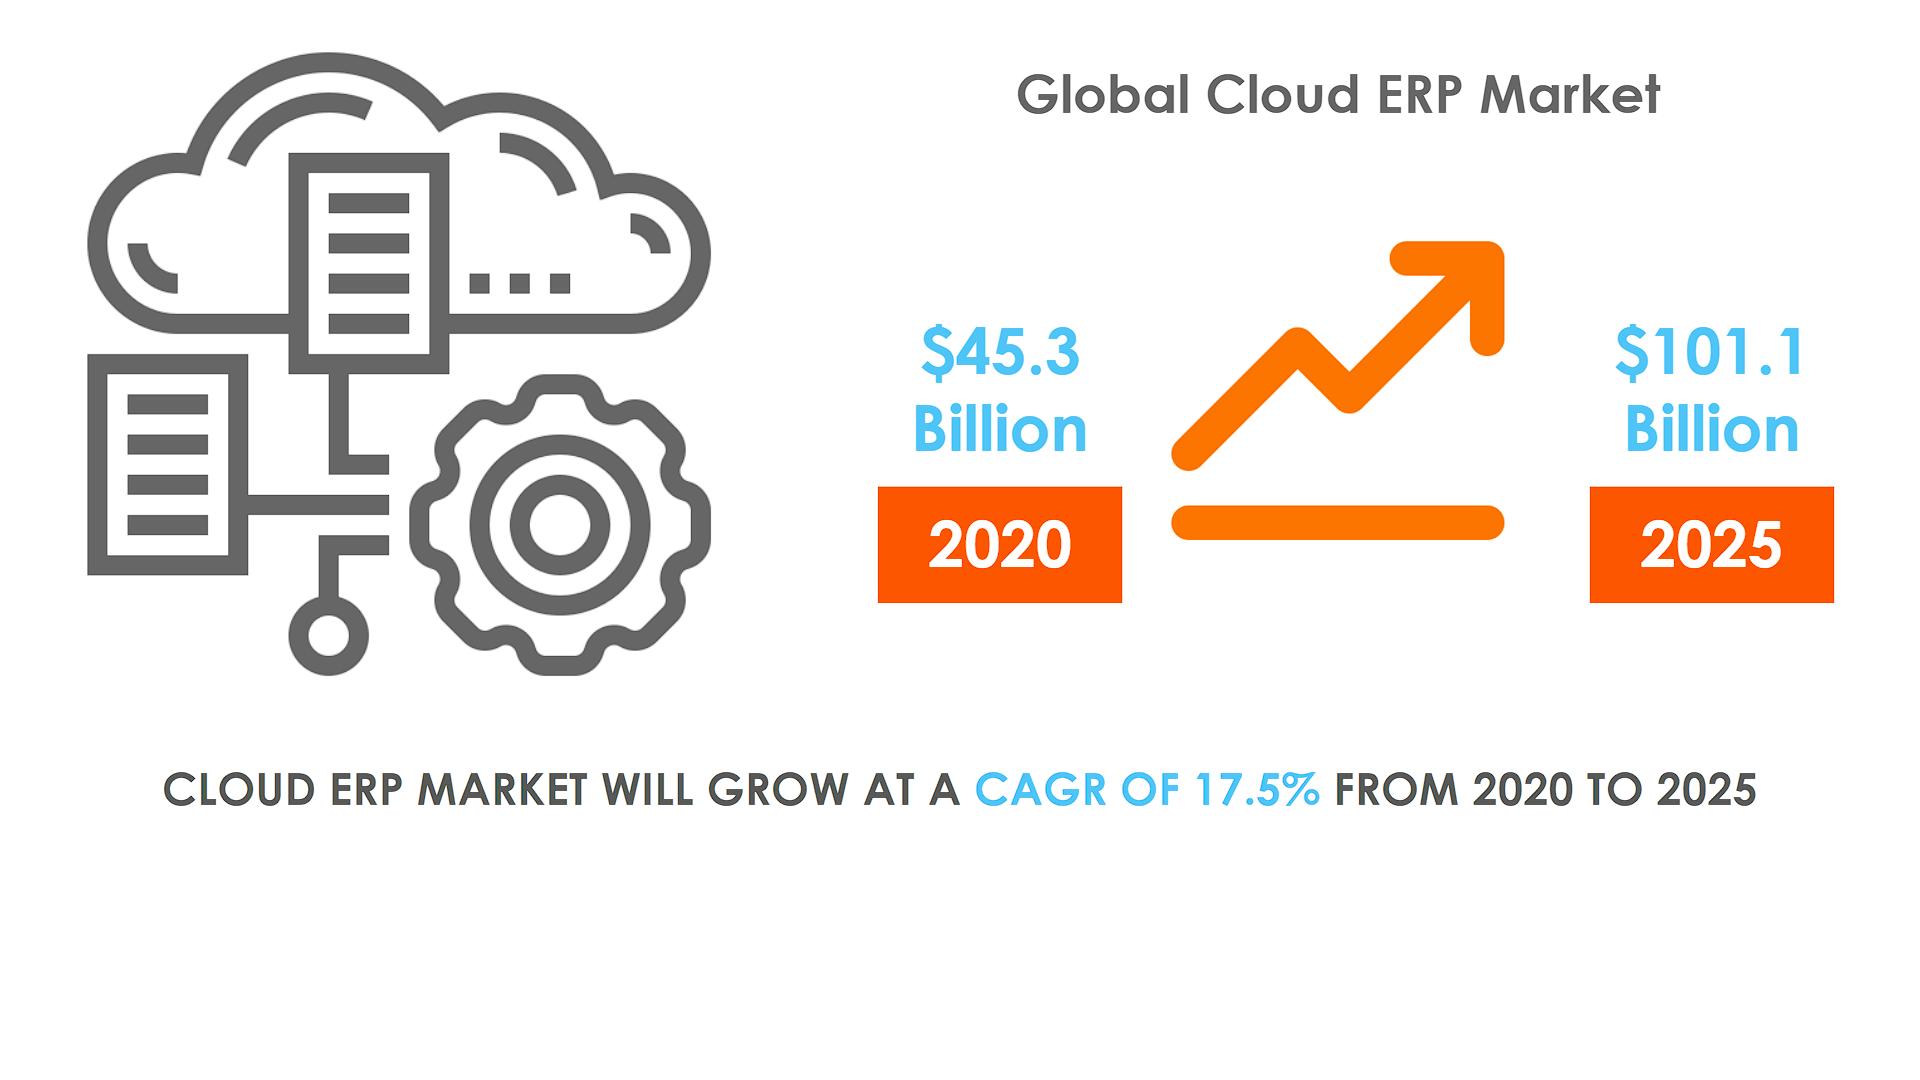 Global Cloud ERP Market